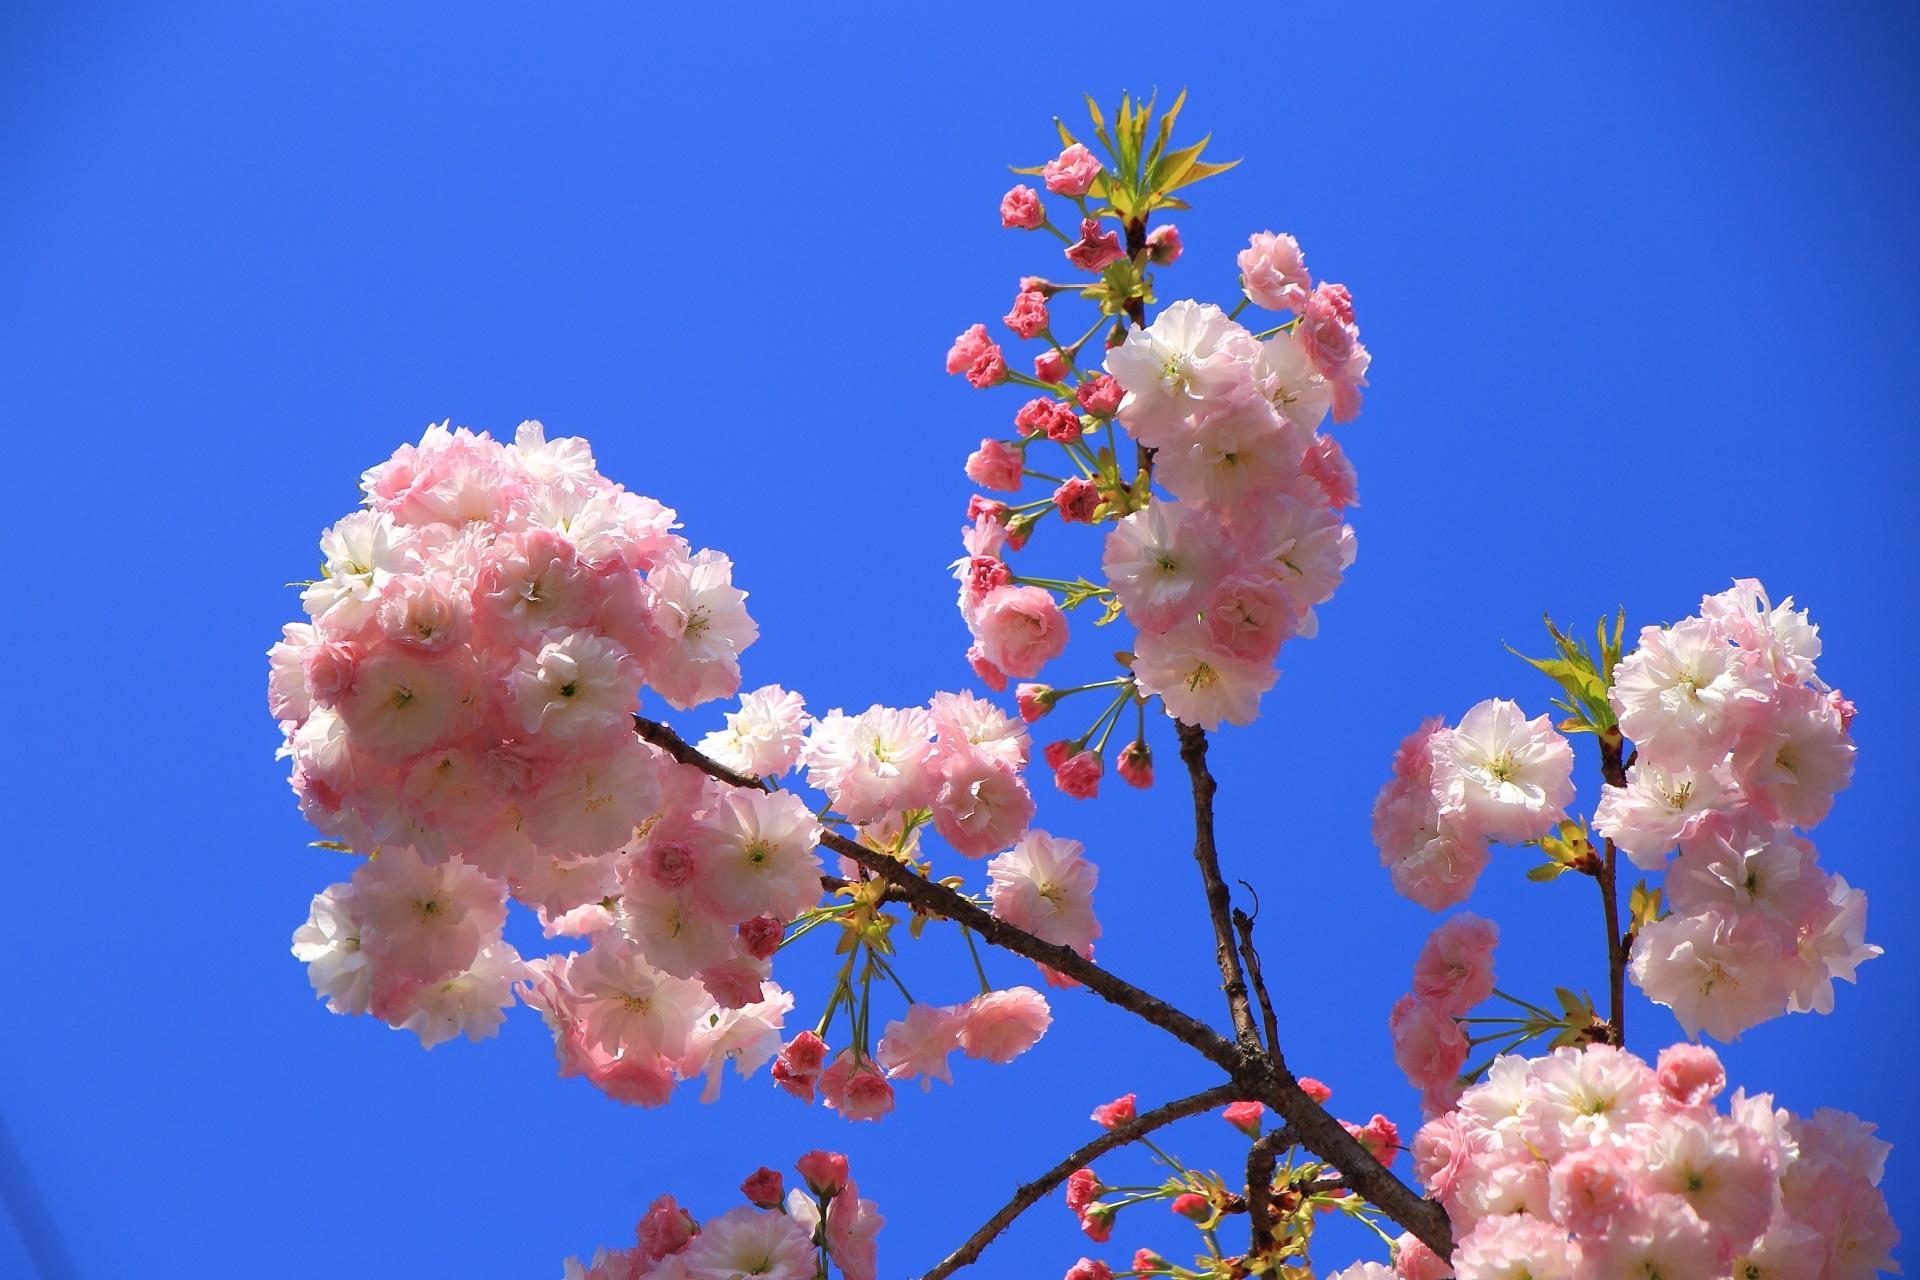 薄いピンクや濃いピンクなどの華やかなピンクの桜